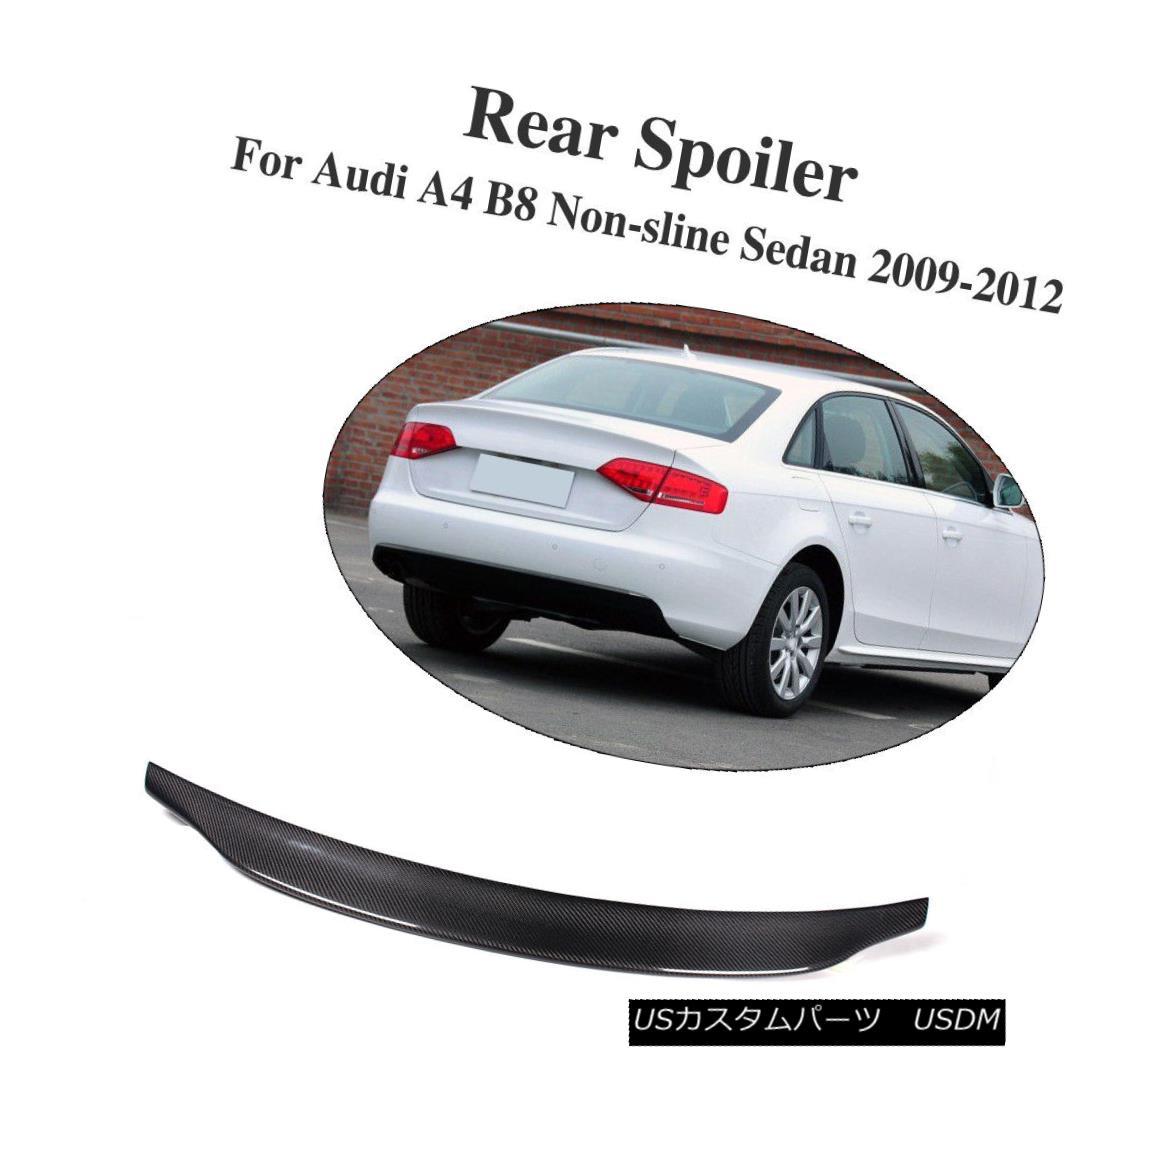 エアロパーツ Black Carbon Fiber Rear Trunk Spoiler Wing Lip Fit For Audi A4 B8 2009-2012 ブラックカーボンファイバーリアトランクスポイラーウイングリップフィットfor Audi A4 B8 2009-2012